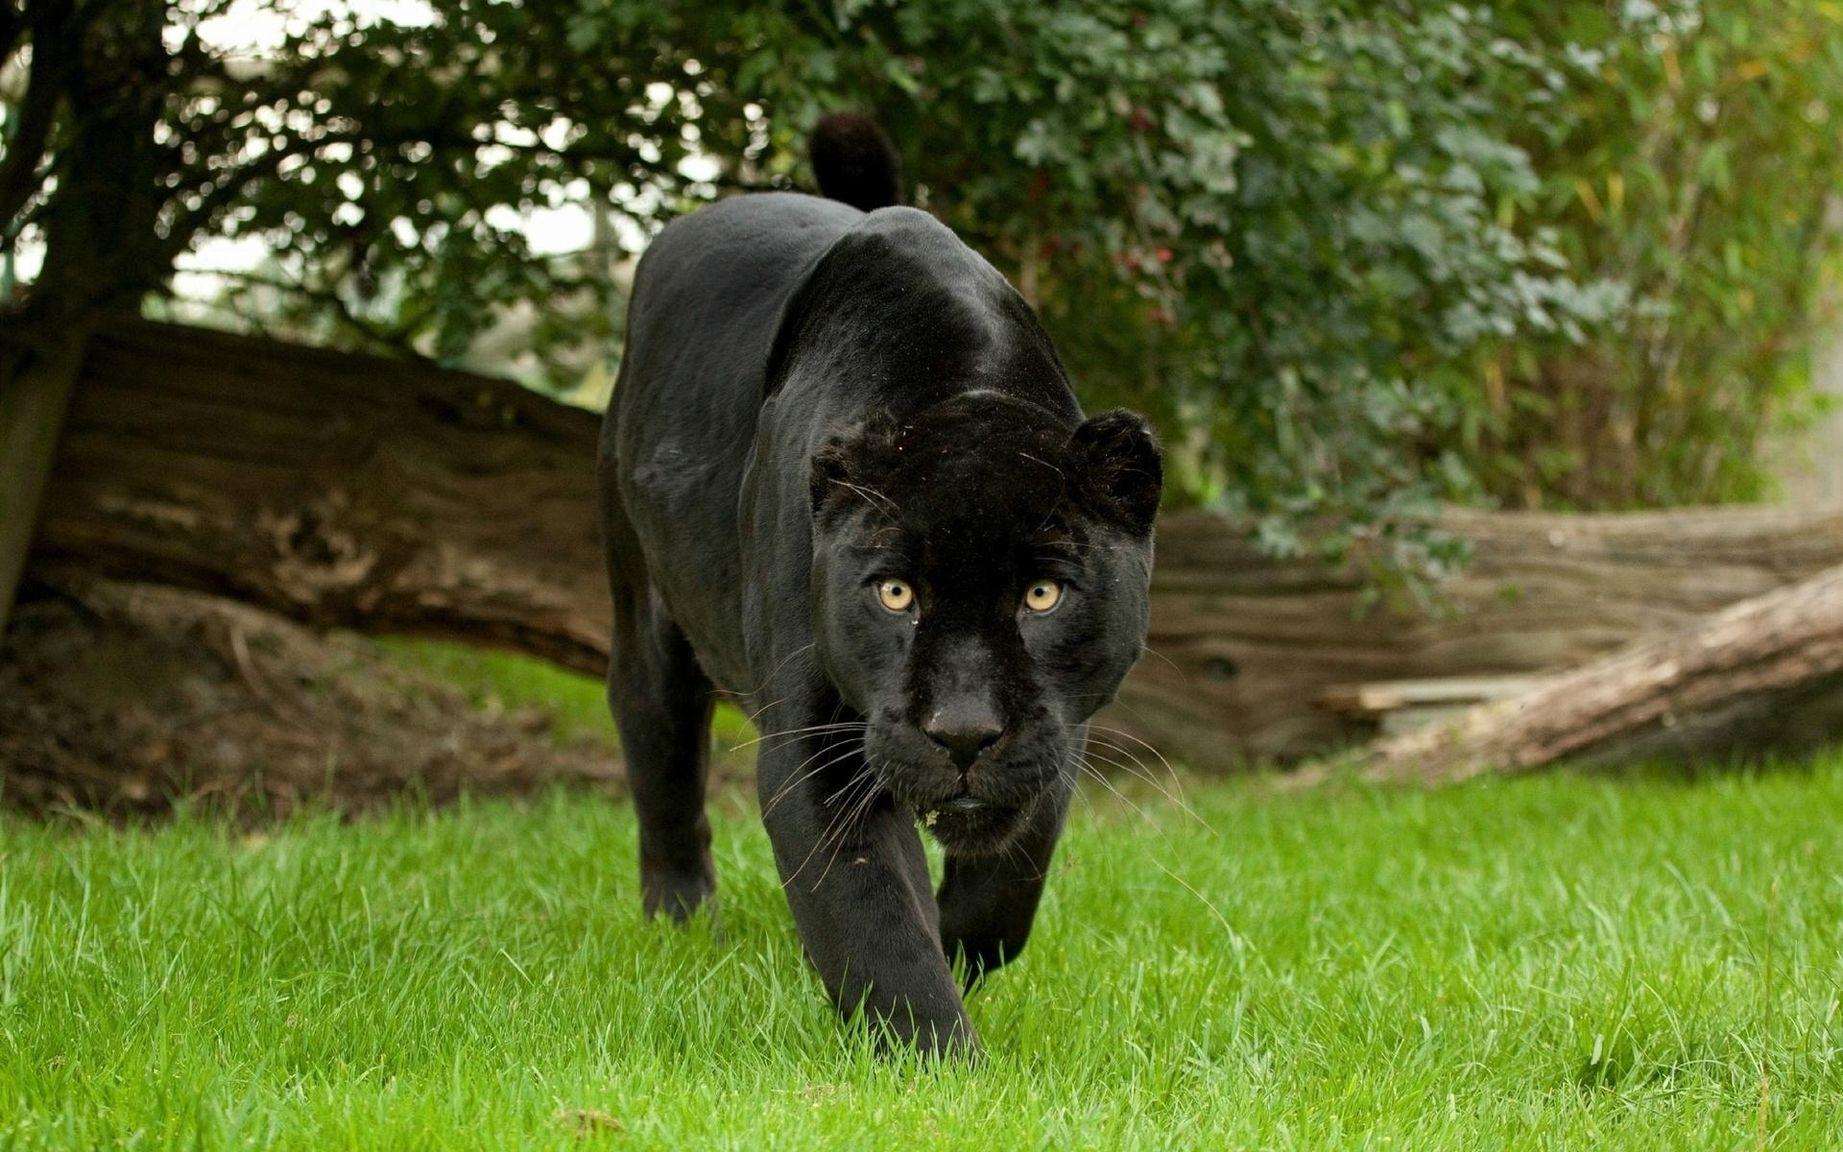 картинки с изображением черной пантеры обладает